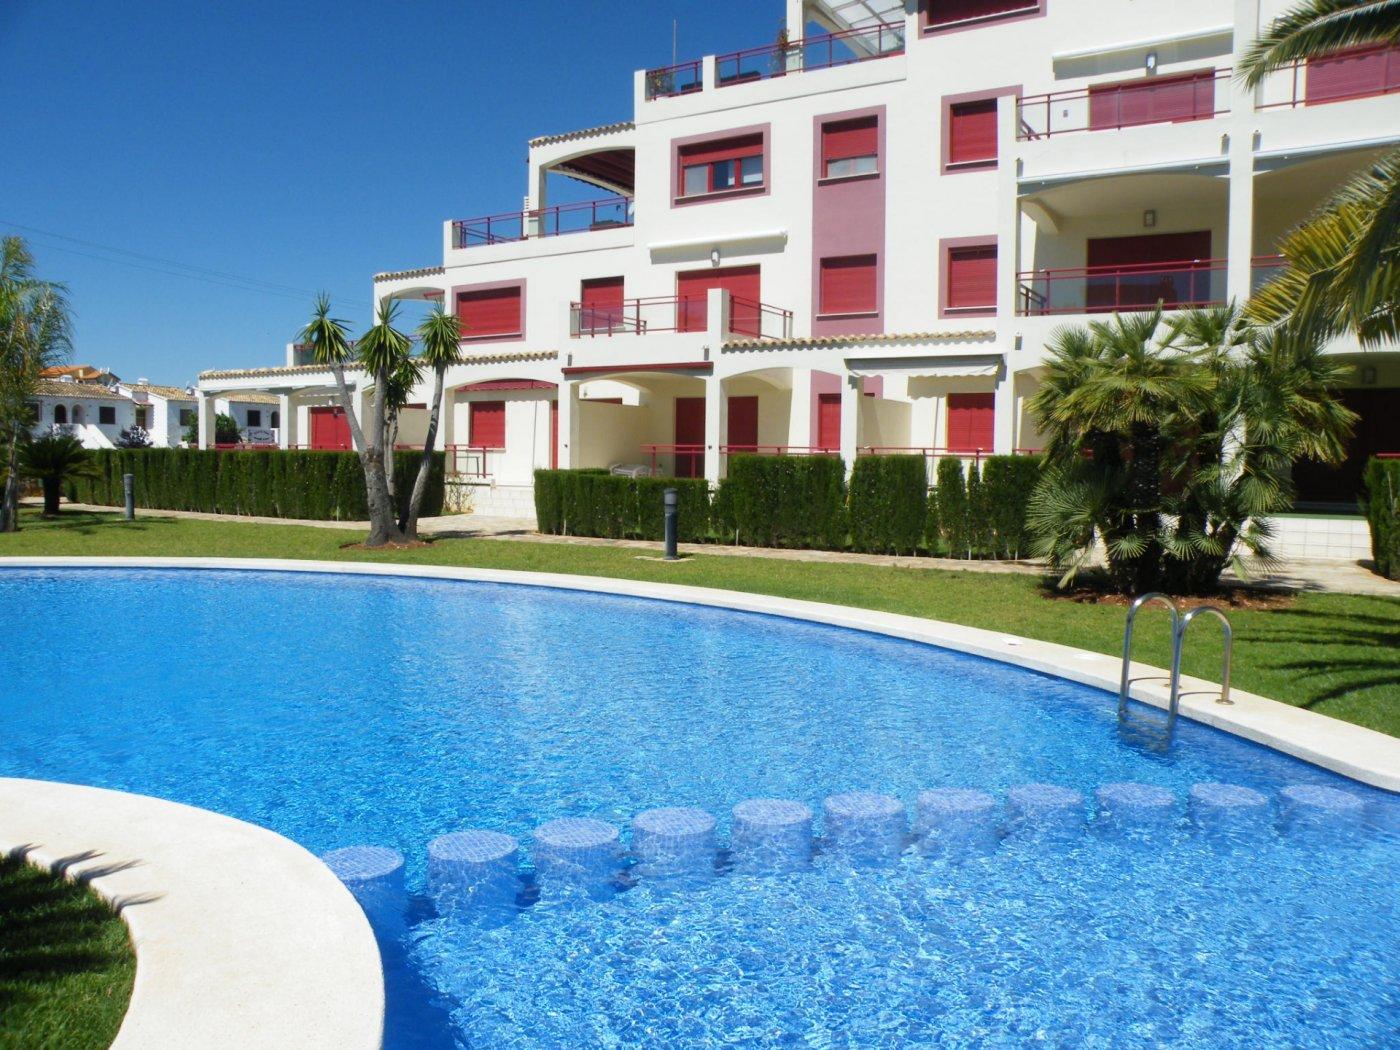 Apartamento - Buen Estado - Las Marinas - Denia